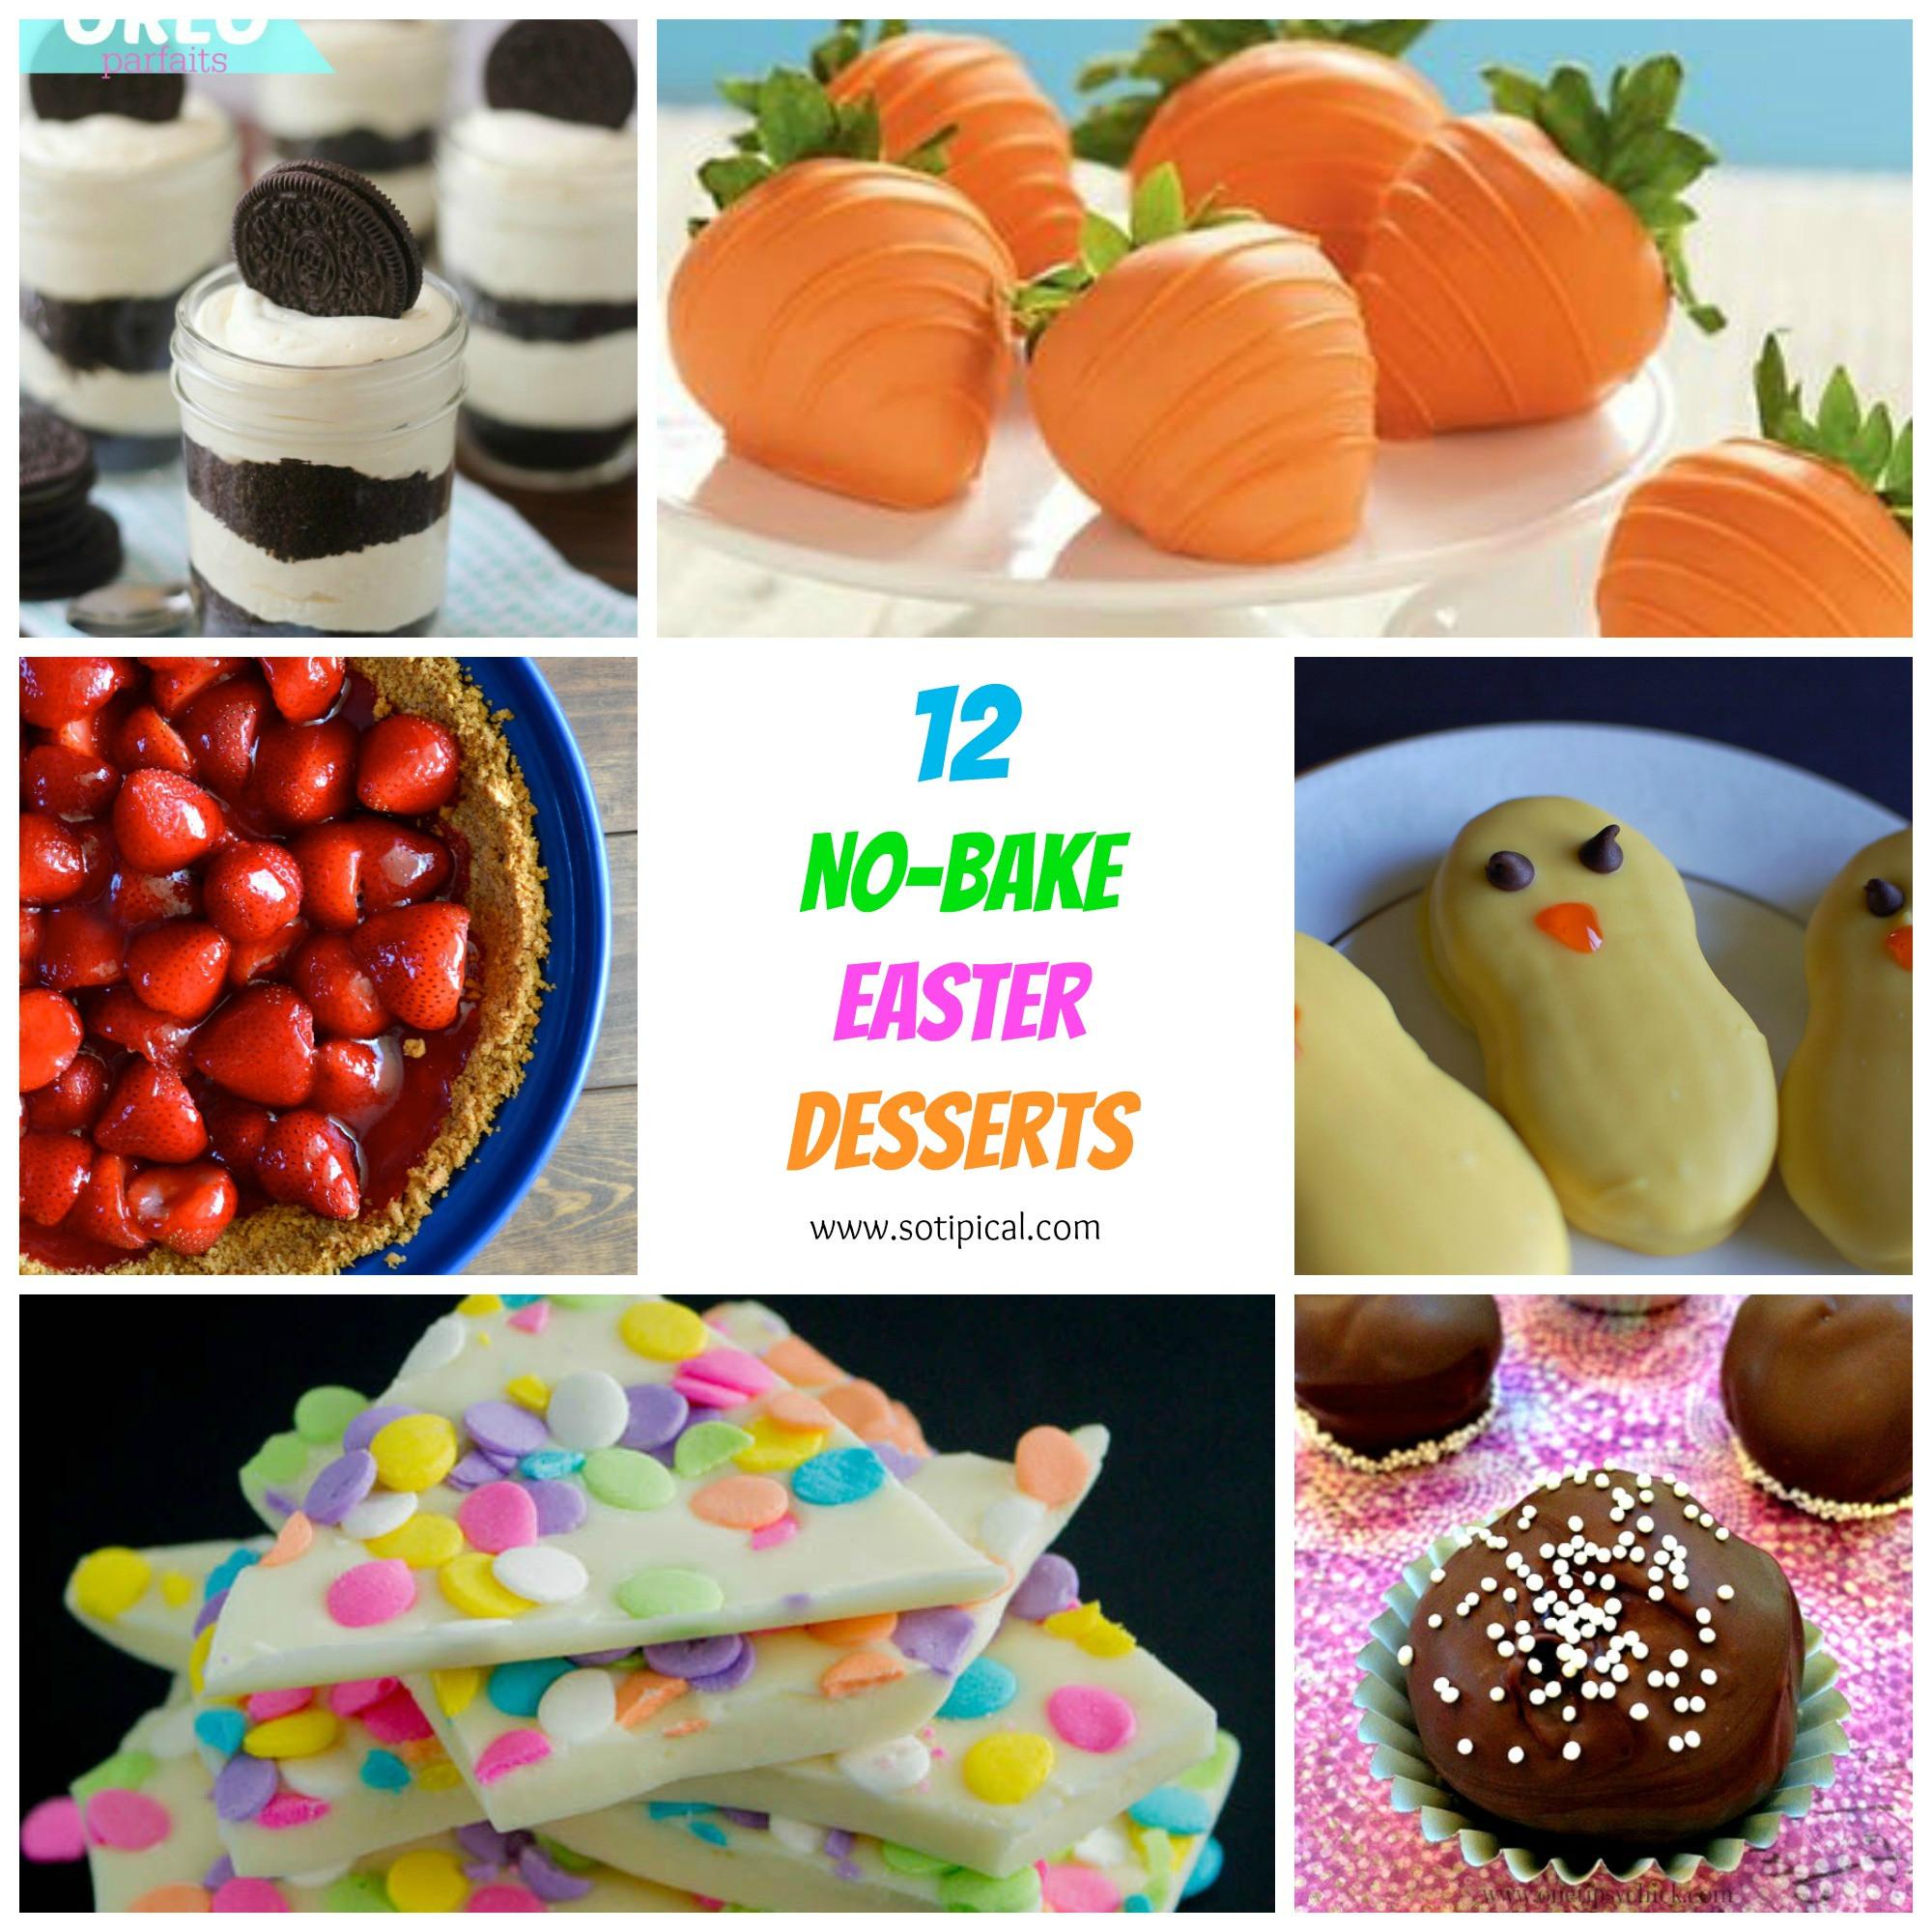 Easter Dessert Recipes  12 No Bake Easter Desserts